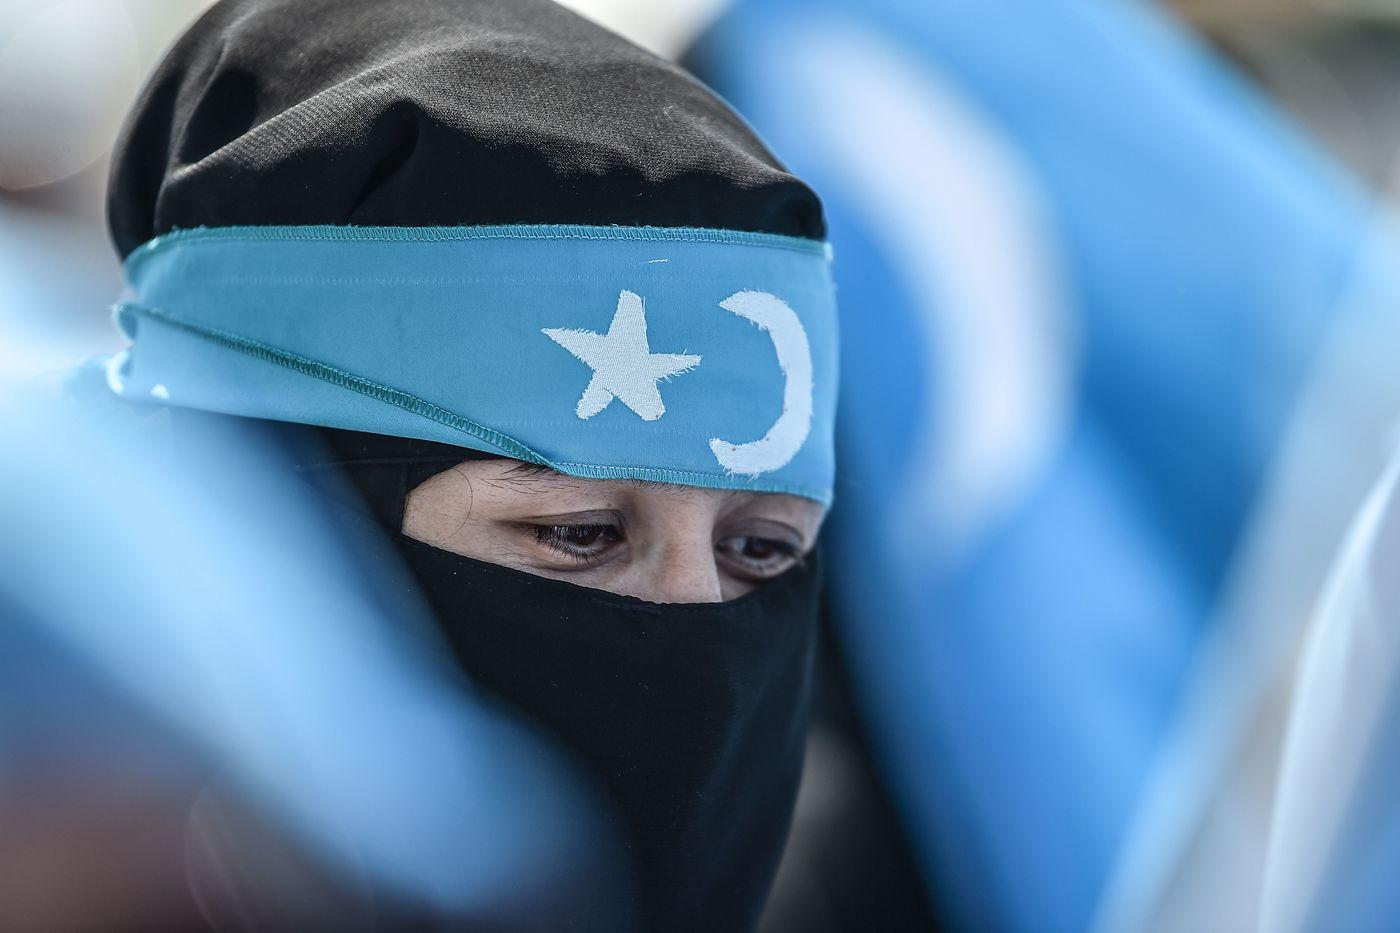 Turchia, proteste a Istanbul per gli uiguri (LaPresse)